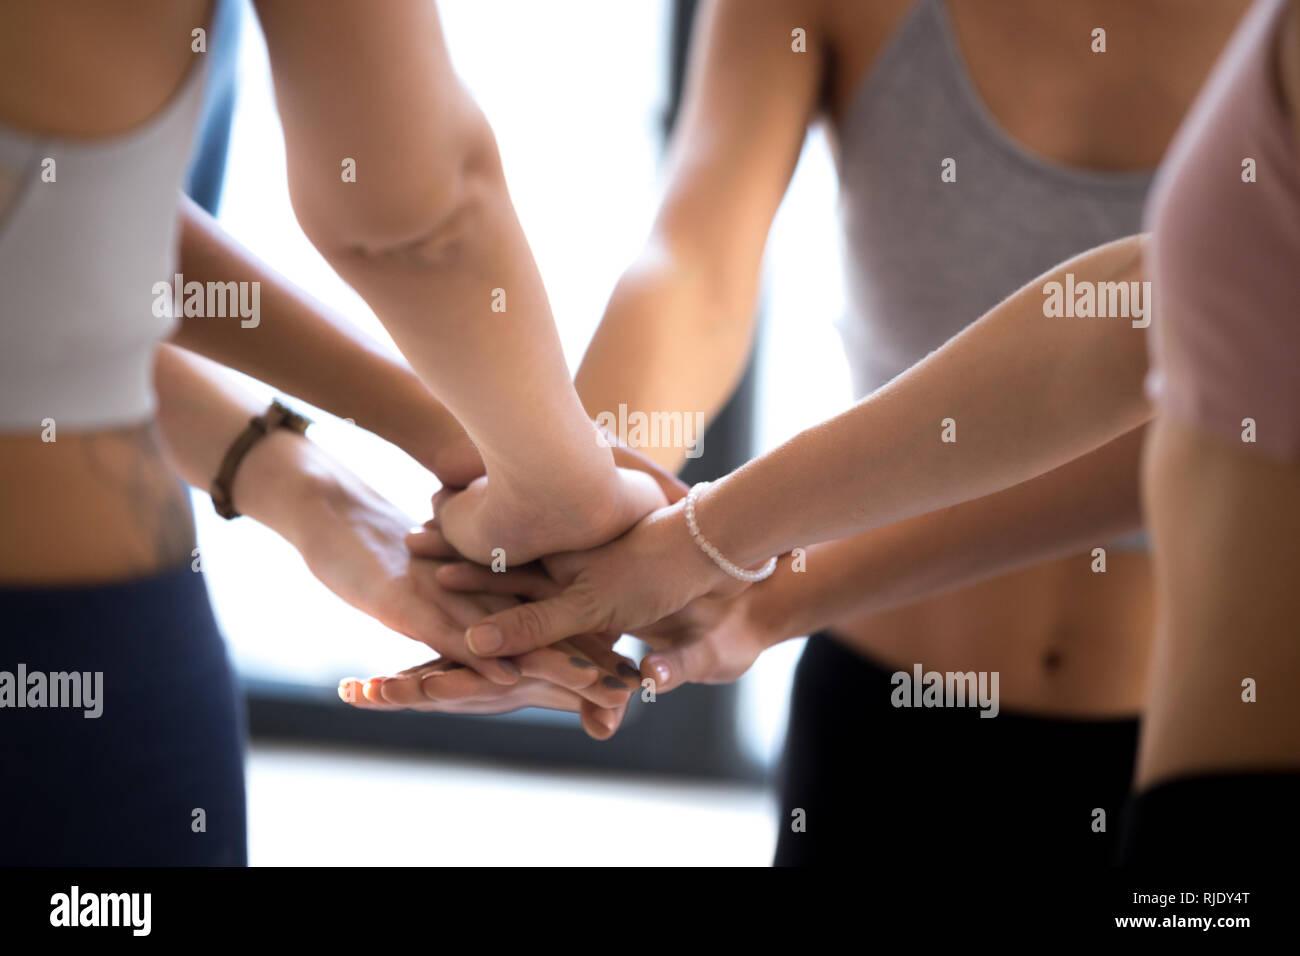 Pila de deportistas manos mostrando el espíritu de equipo en la formación Imagen De Stock